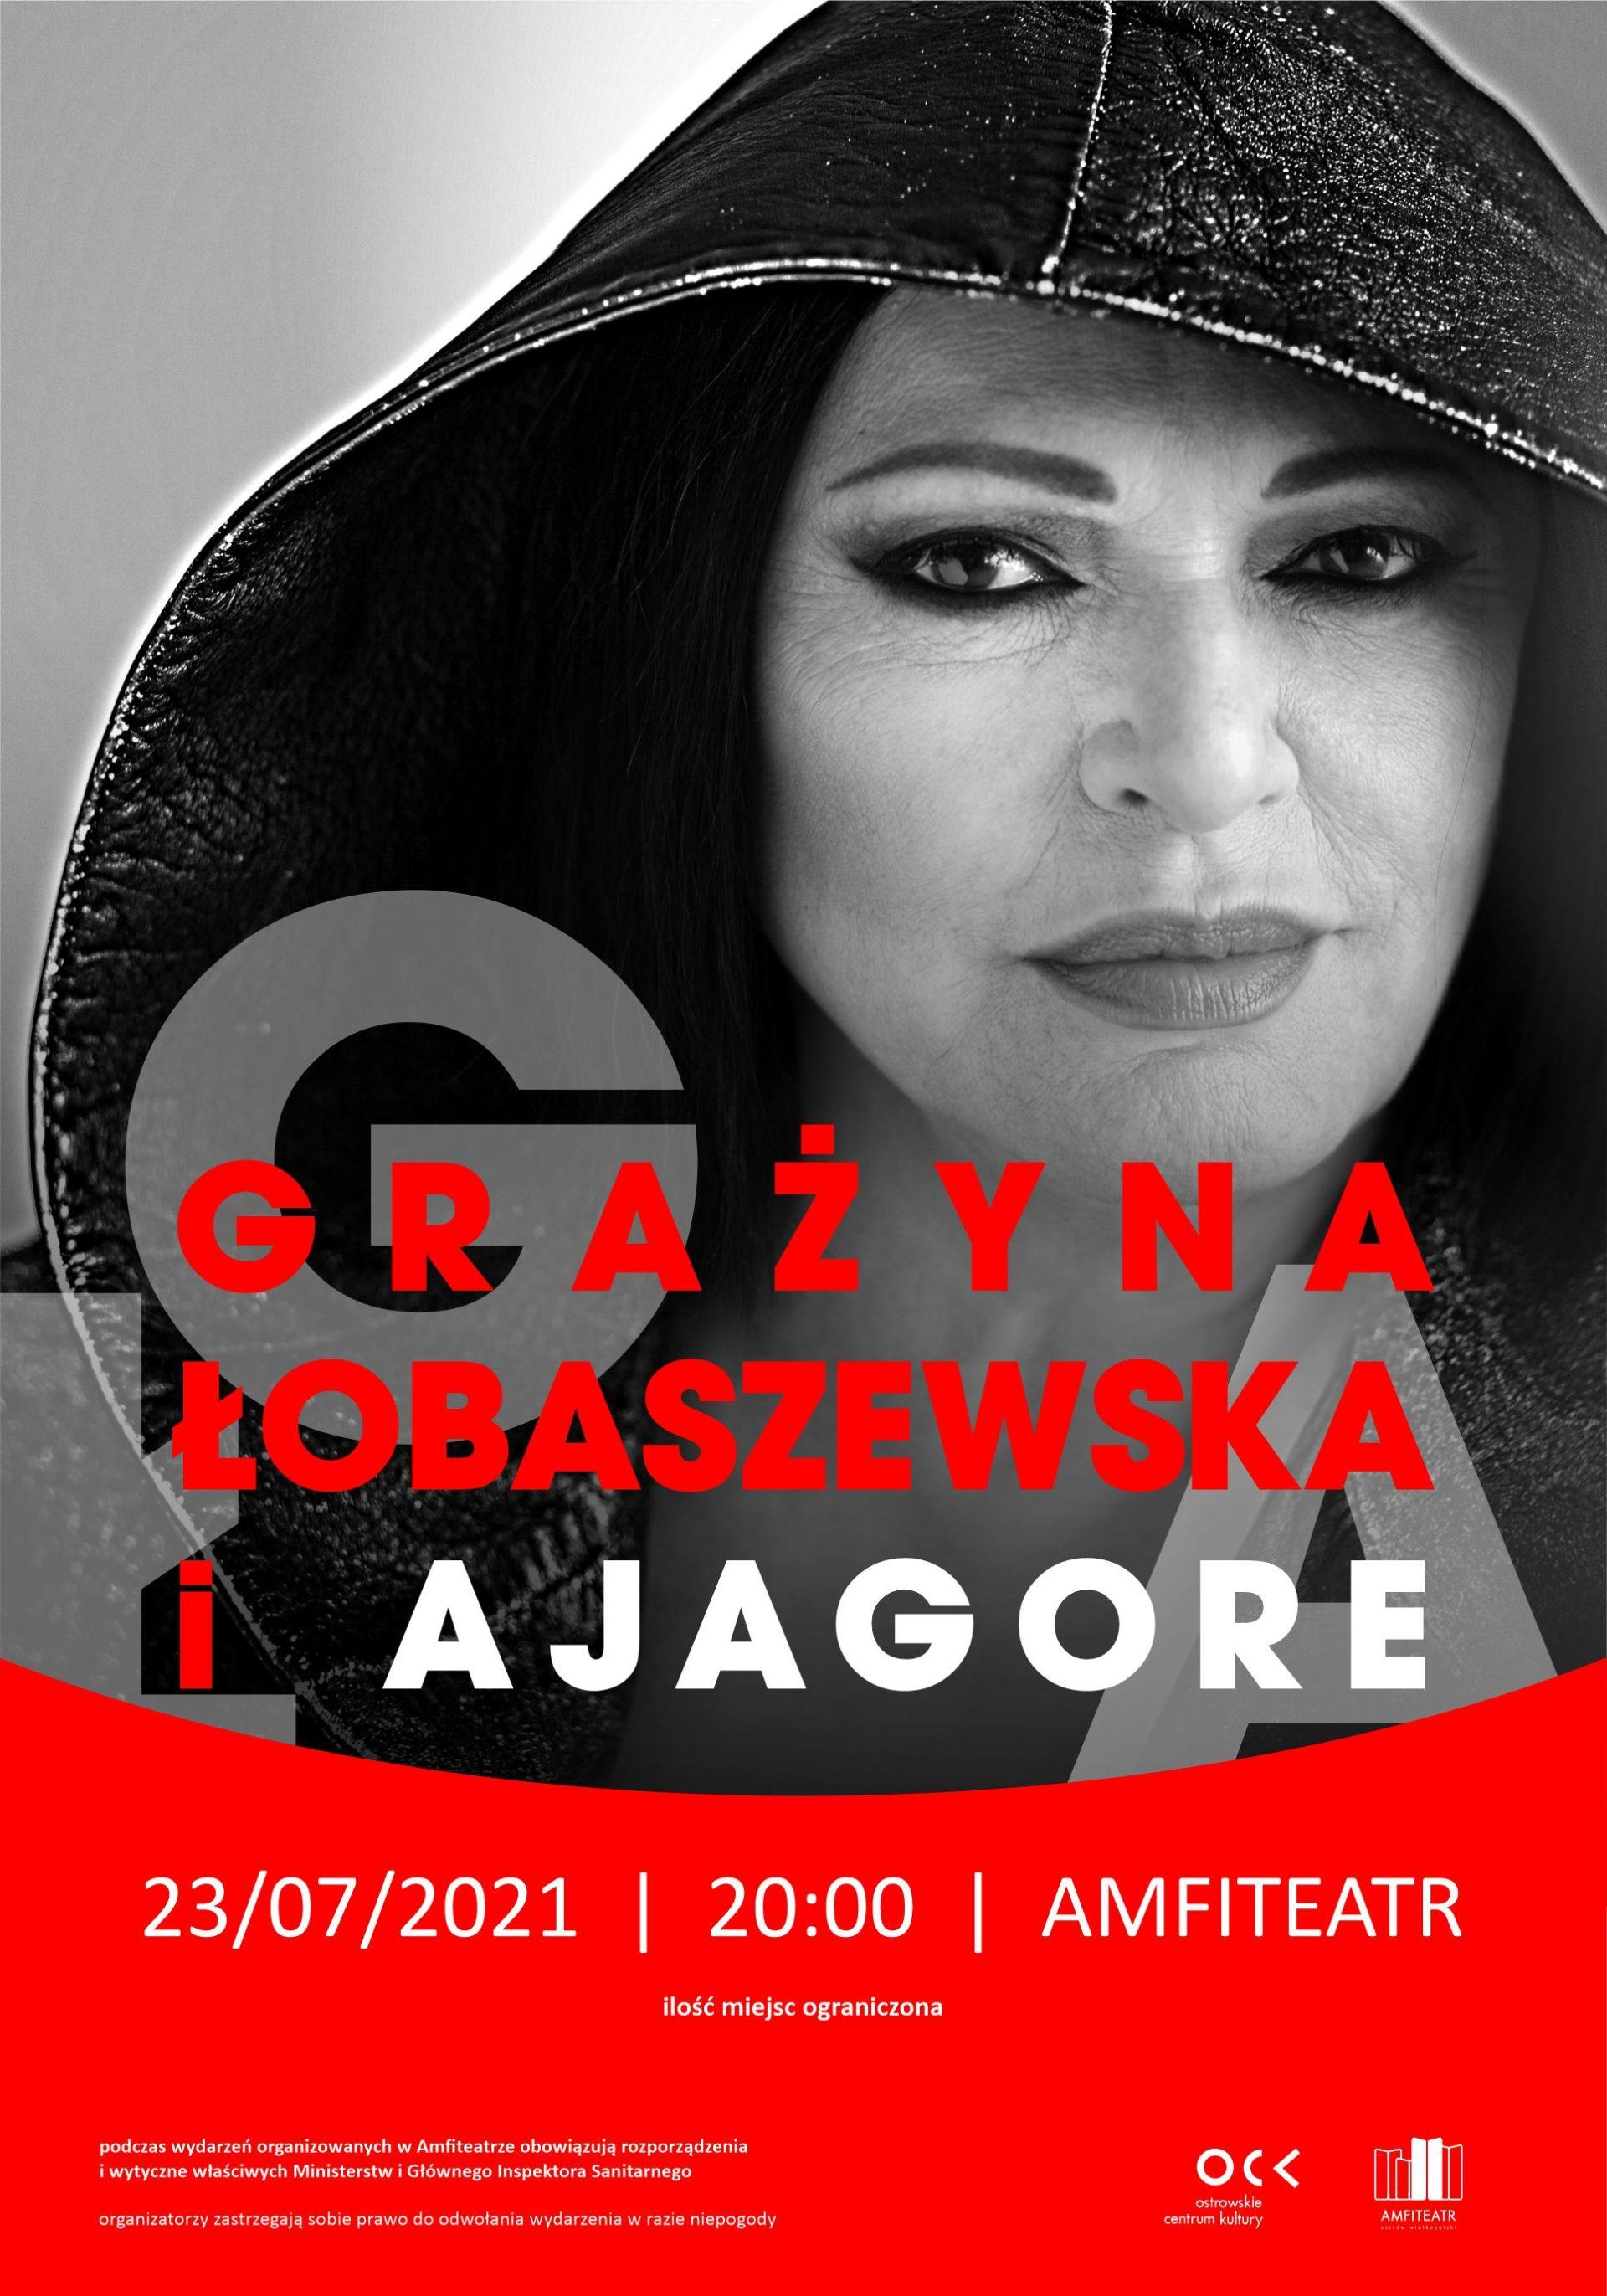 GRAŻYNA ŁOBASZEWSKA i AJAGORE | koncert